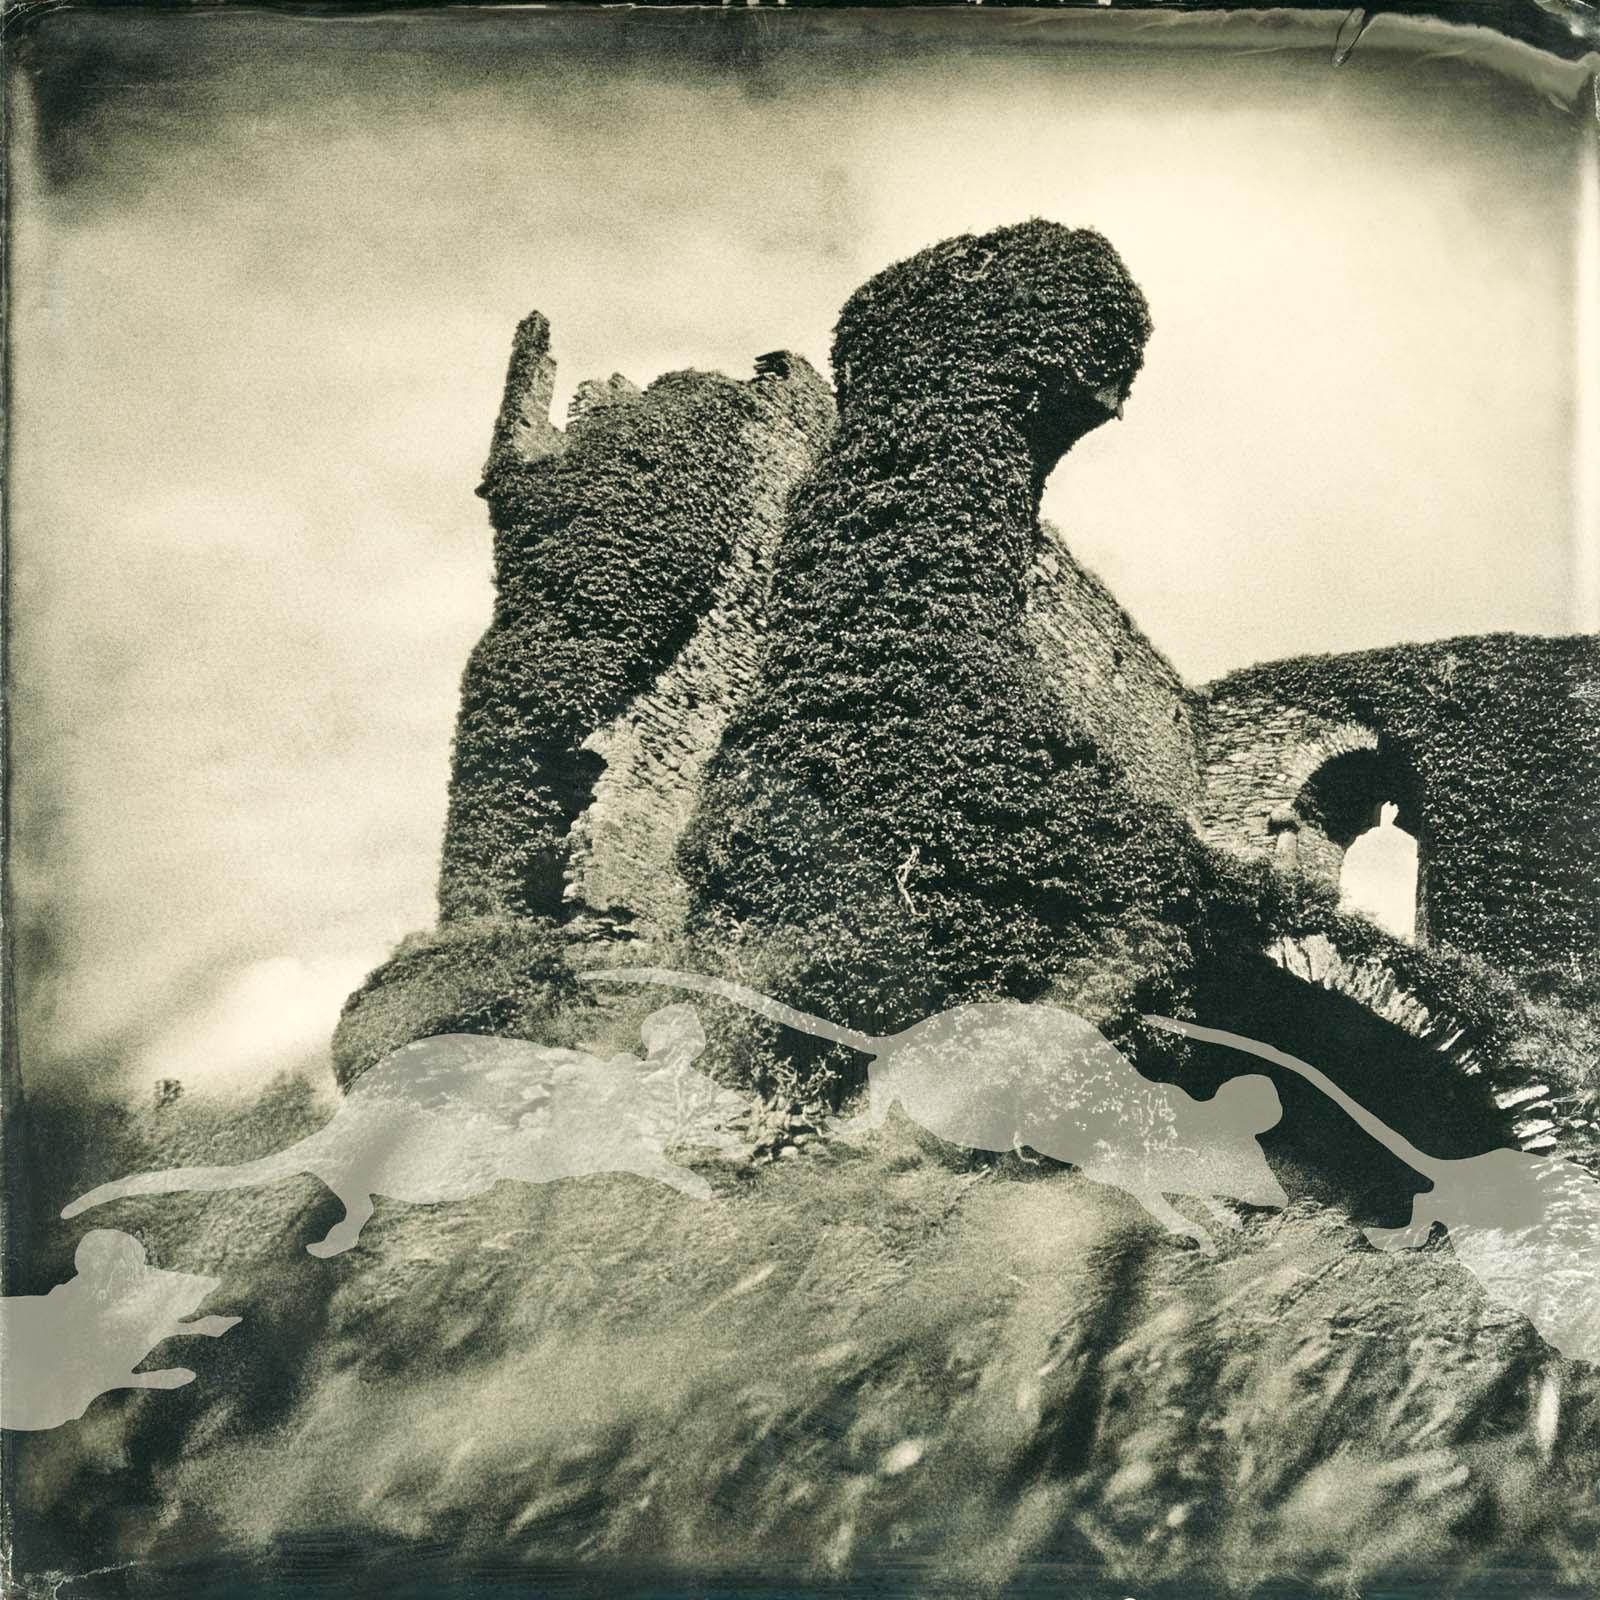 Rats and Ruins, 2011